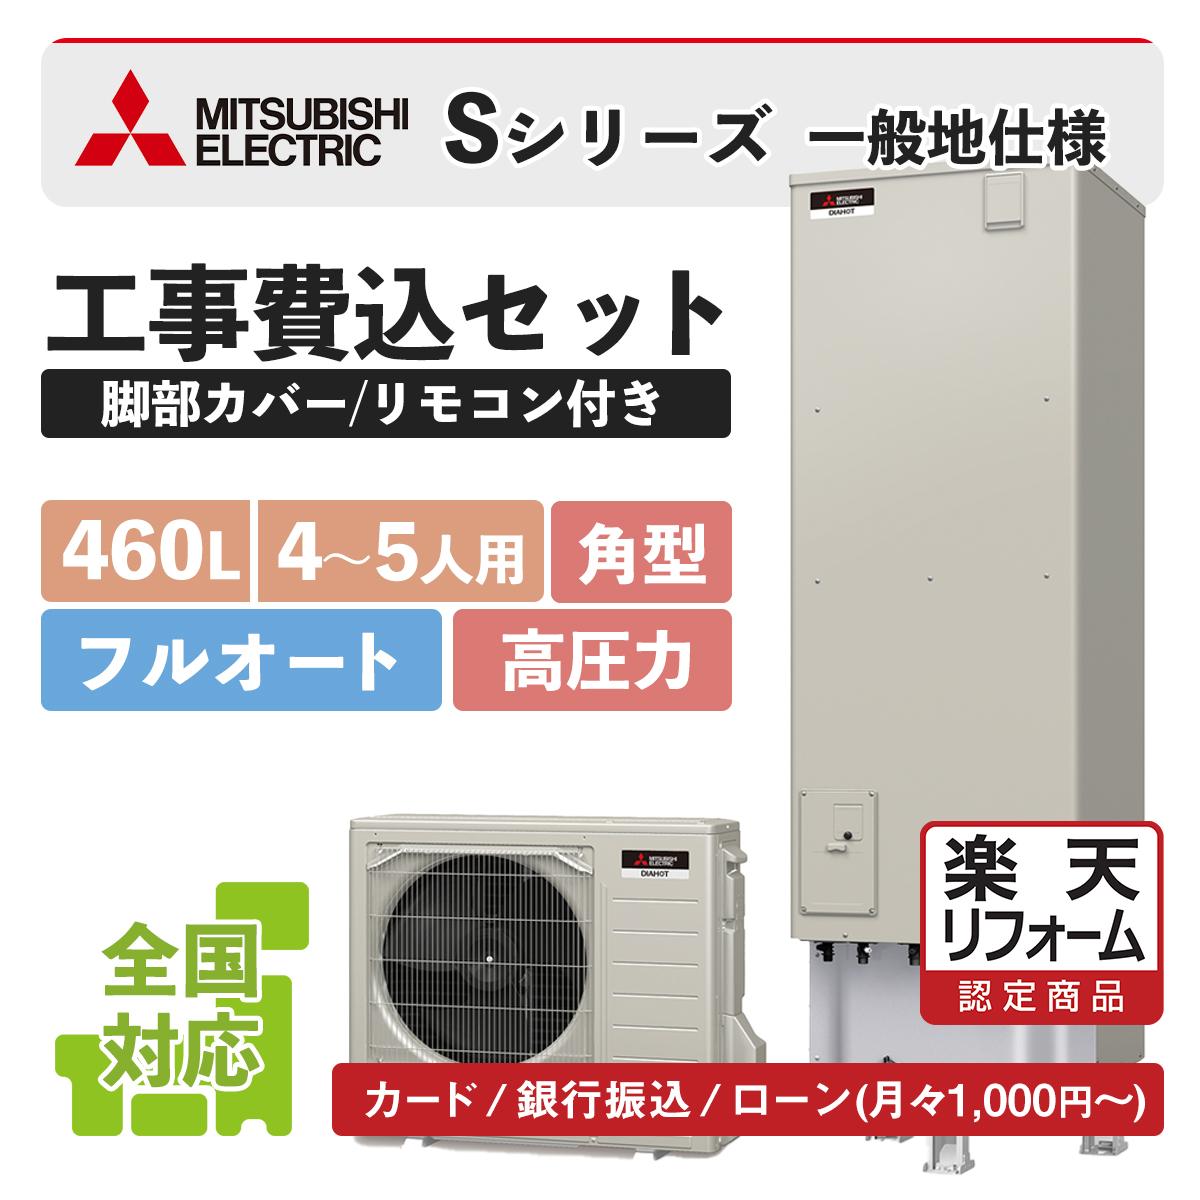 【リフォーム認定商品】SRT-S464U|三菱Sシリーズ 角型 460L|エコキュート工事費込み!全国対応!リモコンセット,給湯器,フルオート,ハイパワー